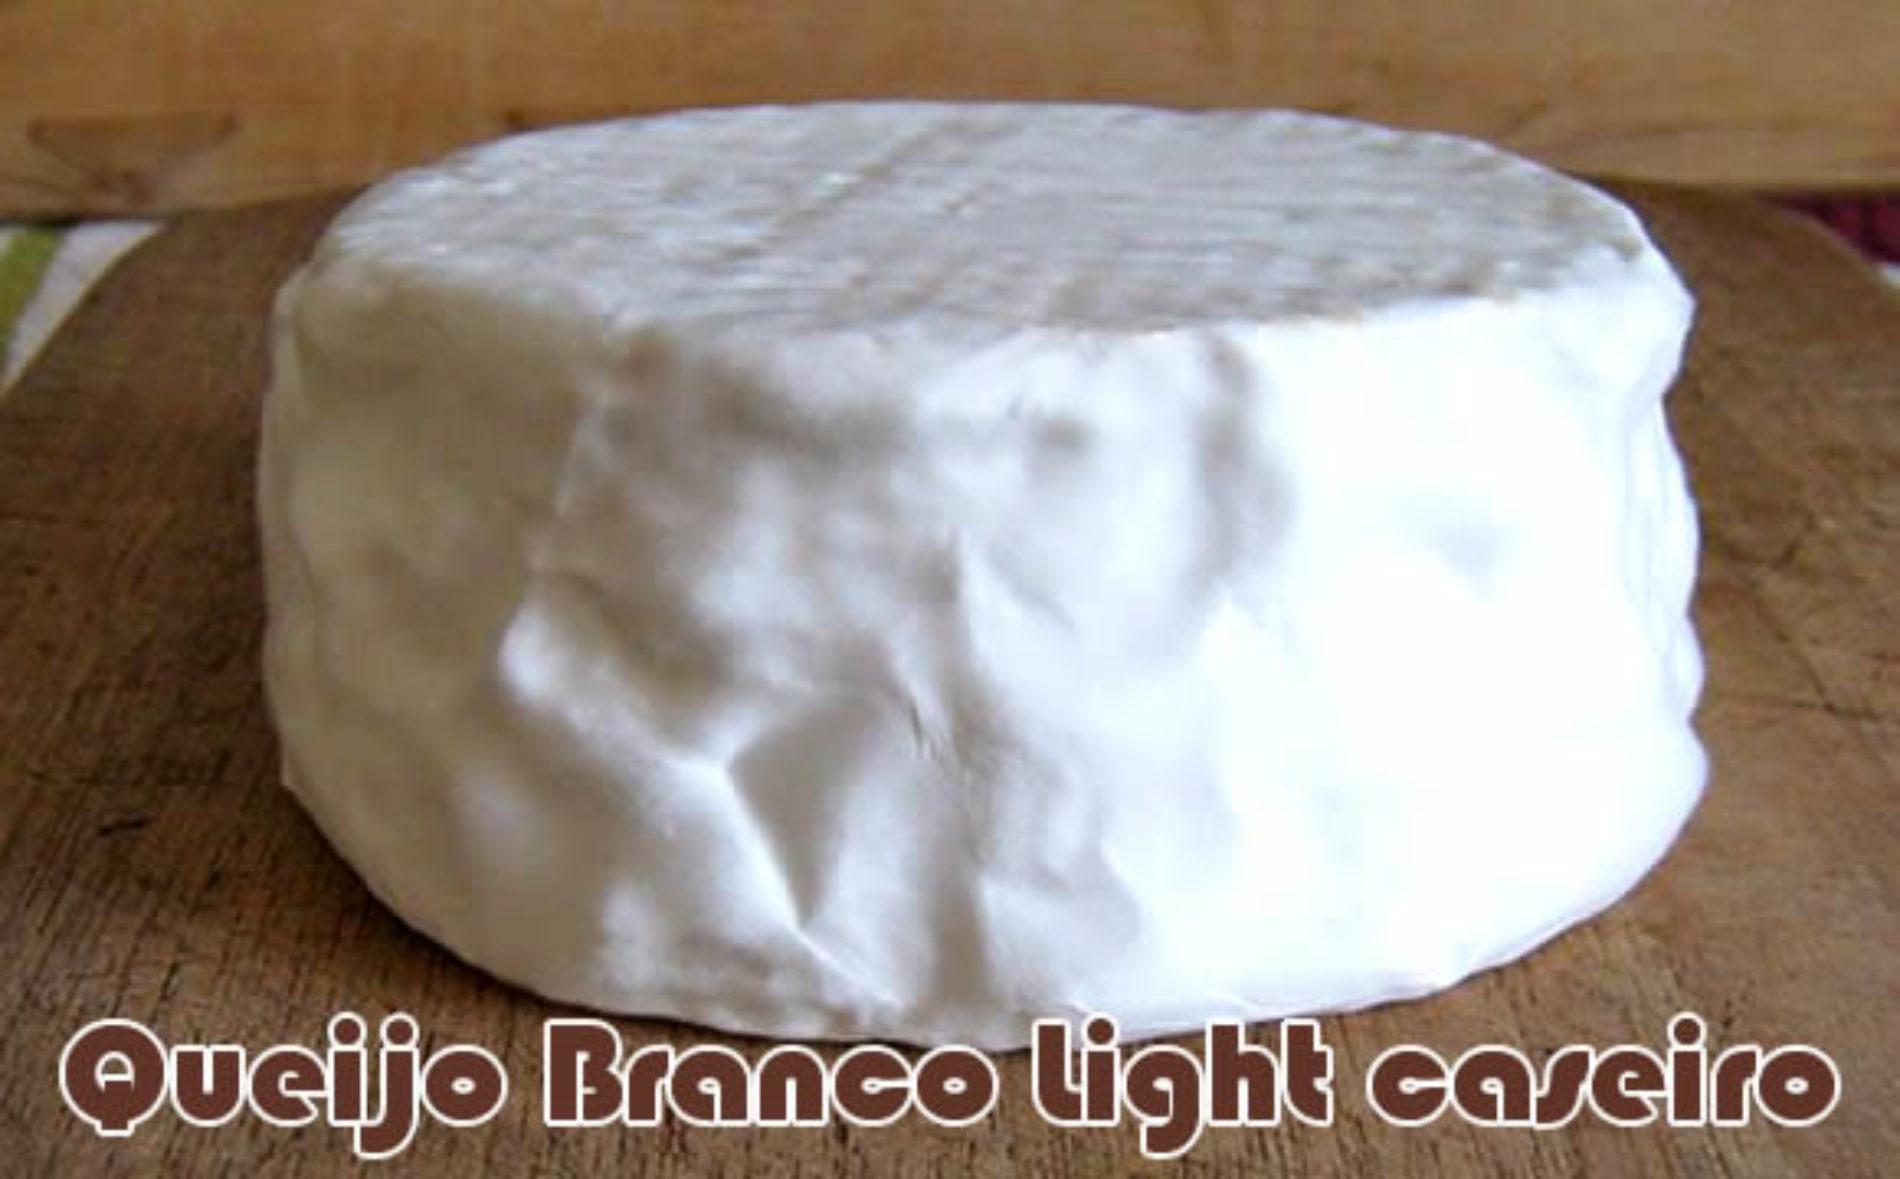 Queijo branco light caseiro